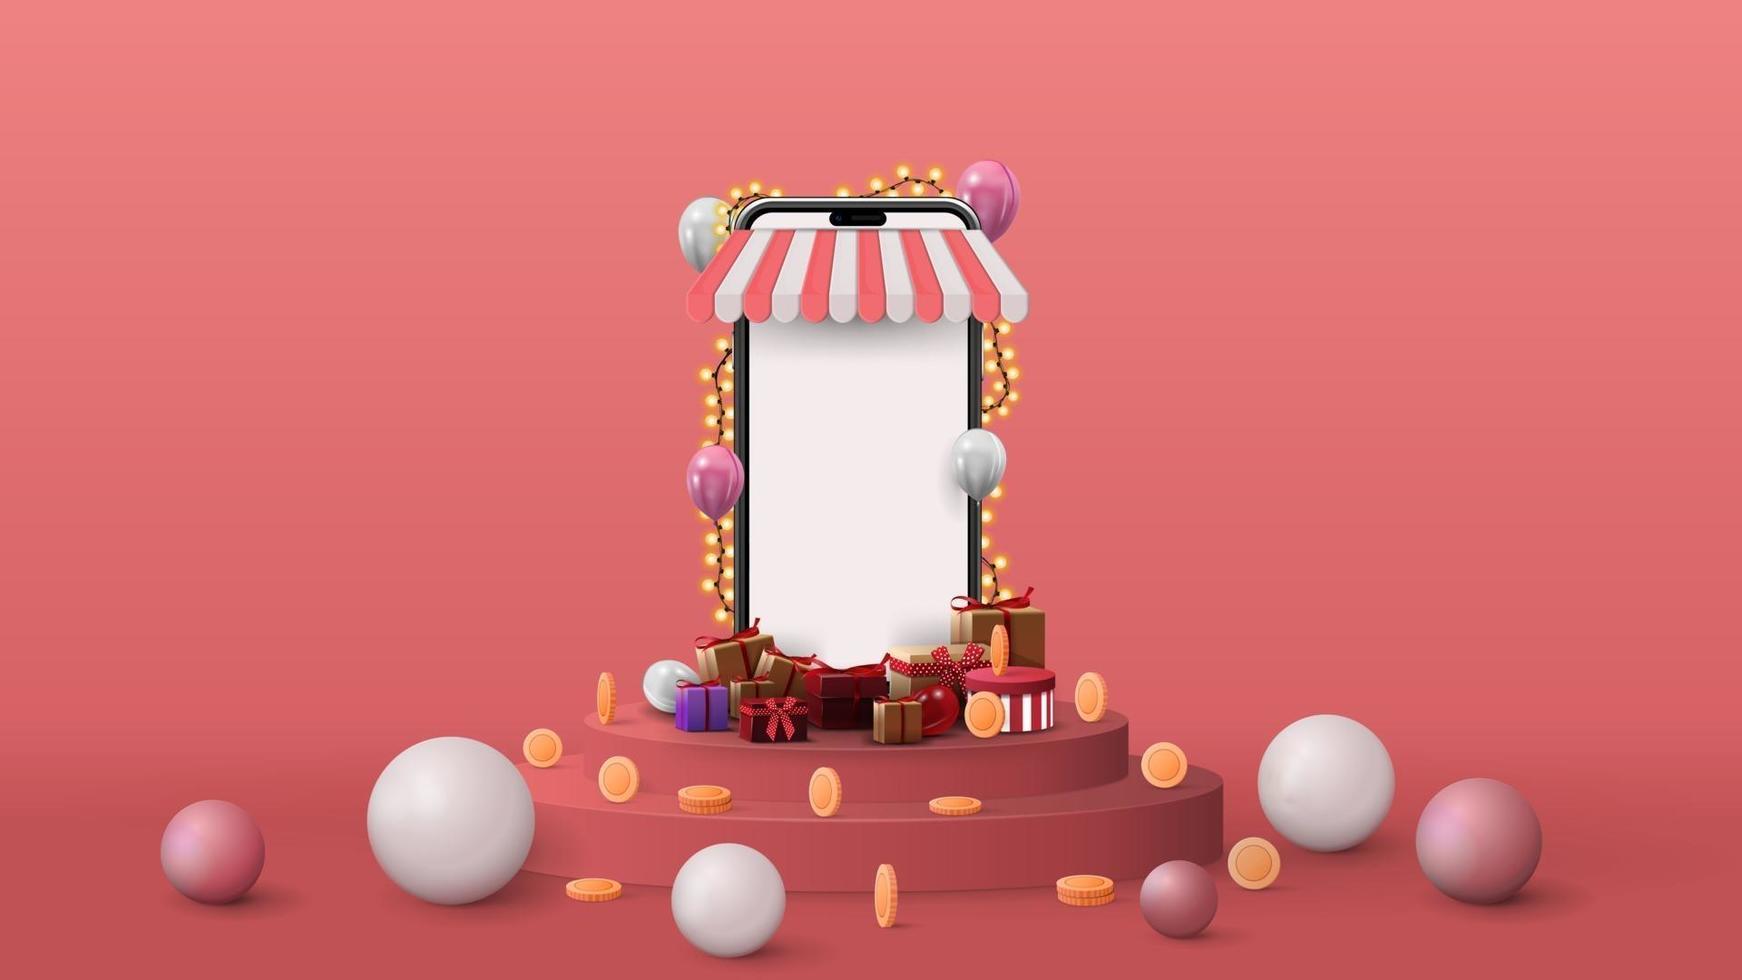 modèle avec smartphone volumétrique avec écran blanc, cadeaux, pièces de monnaie et sphères 3d sur podium rose. Illustration de rendu 3D avec scène abstraite rose vecteur